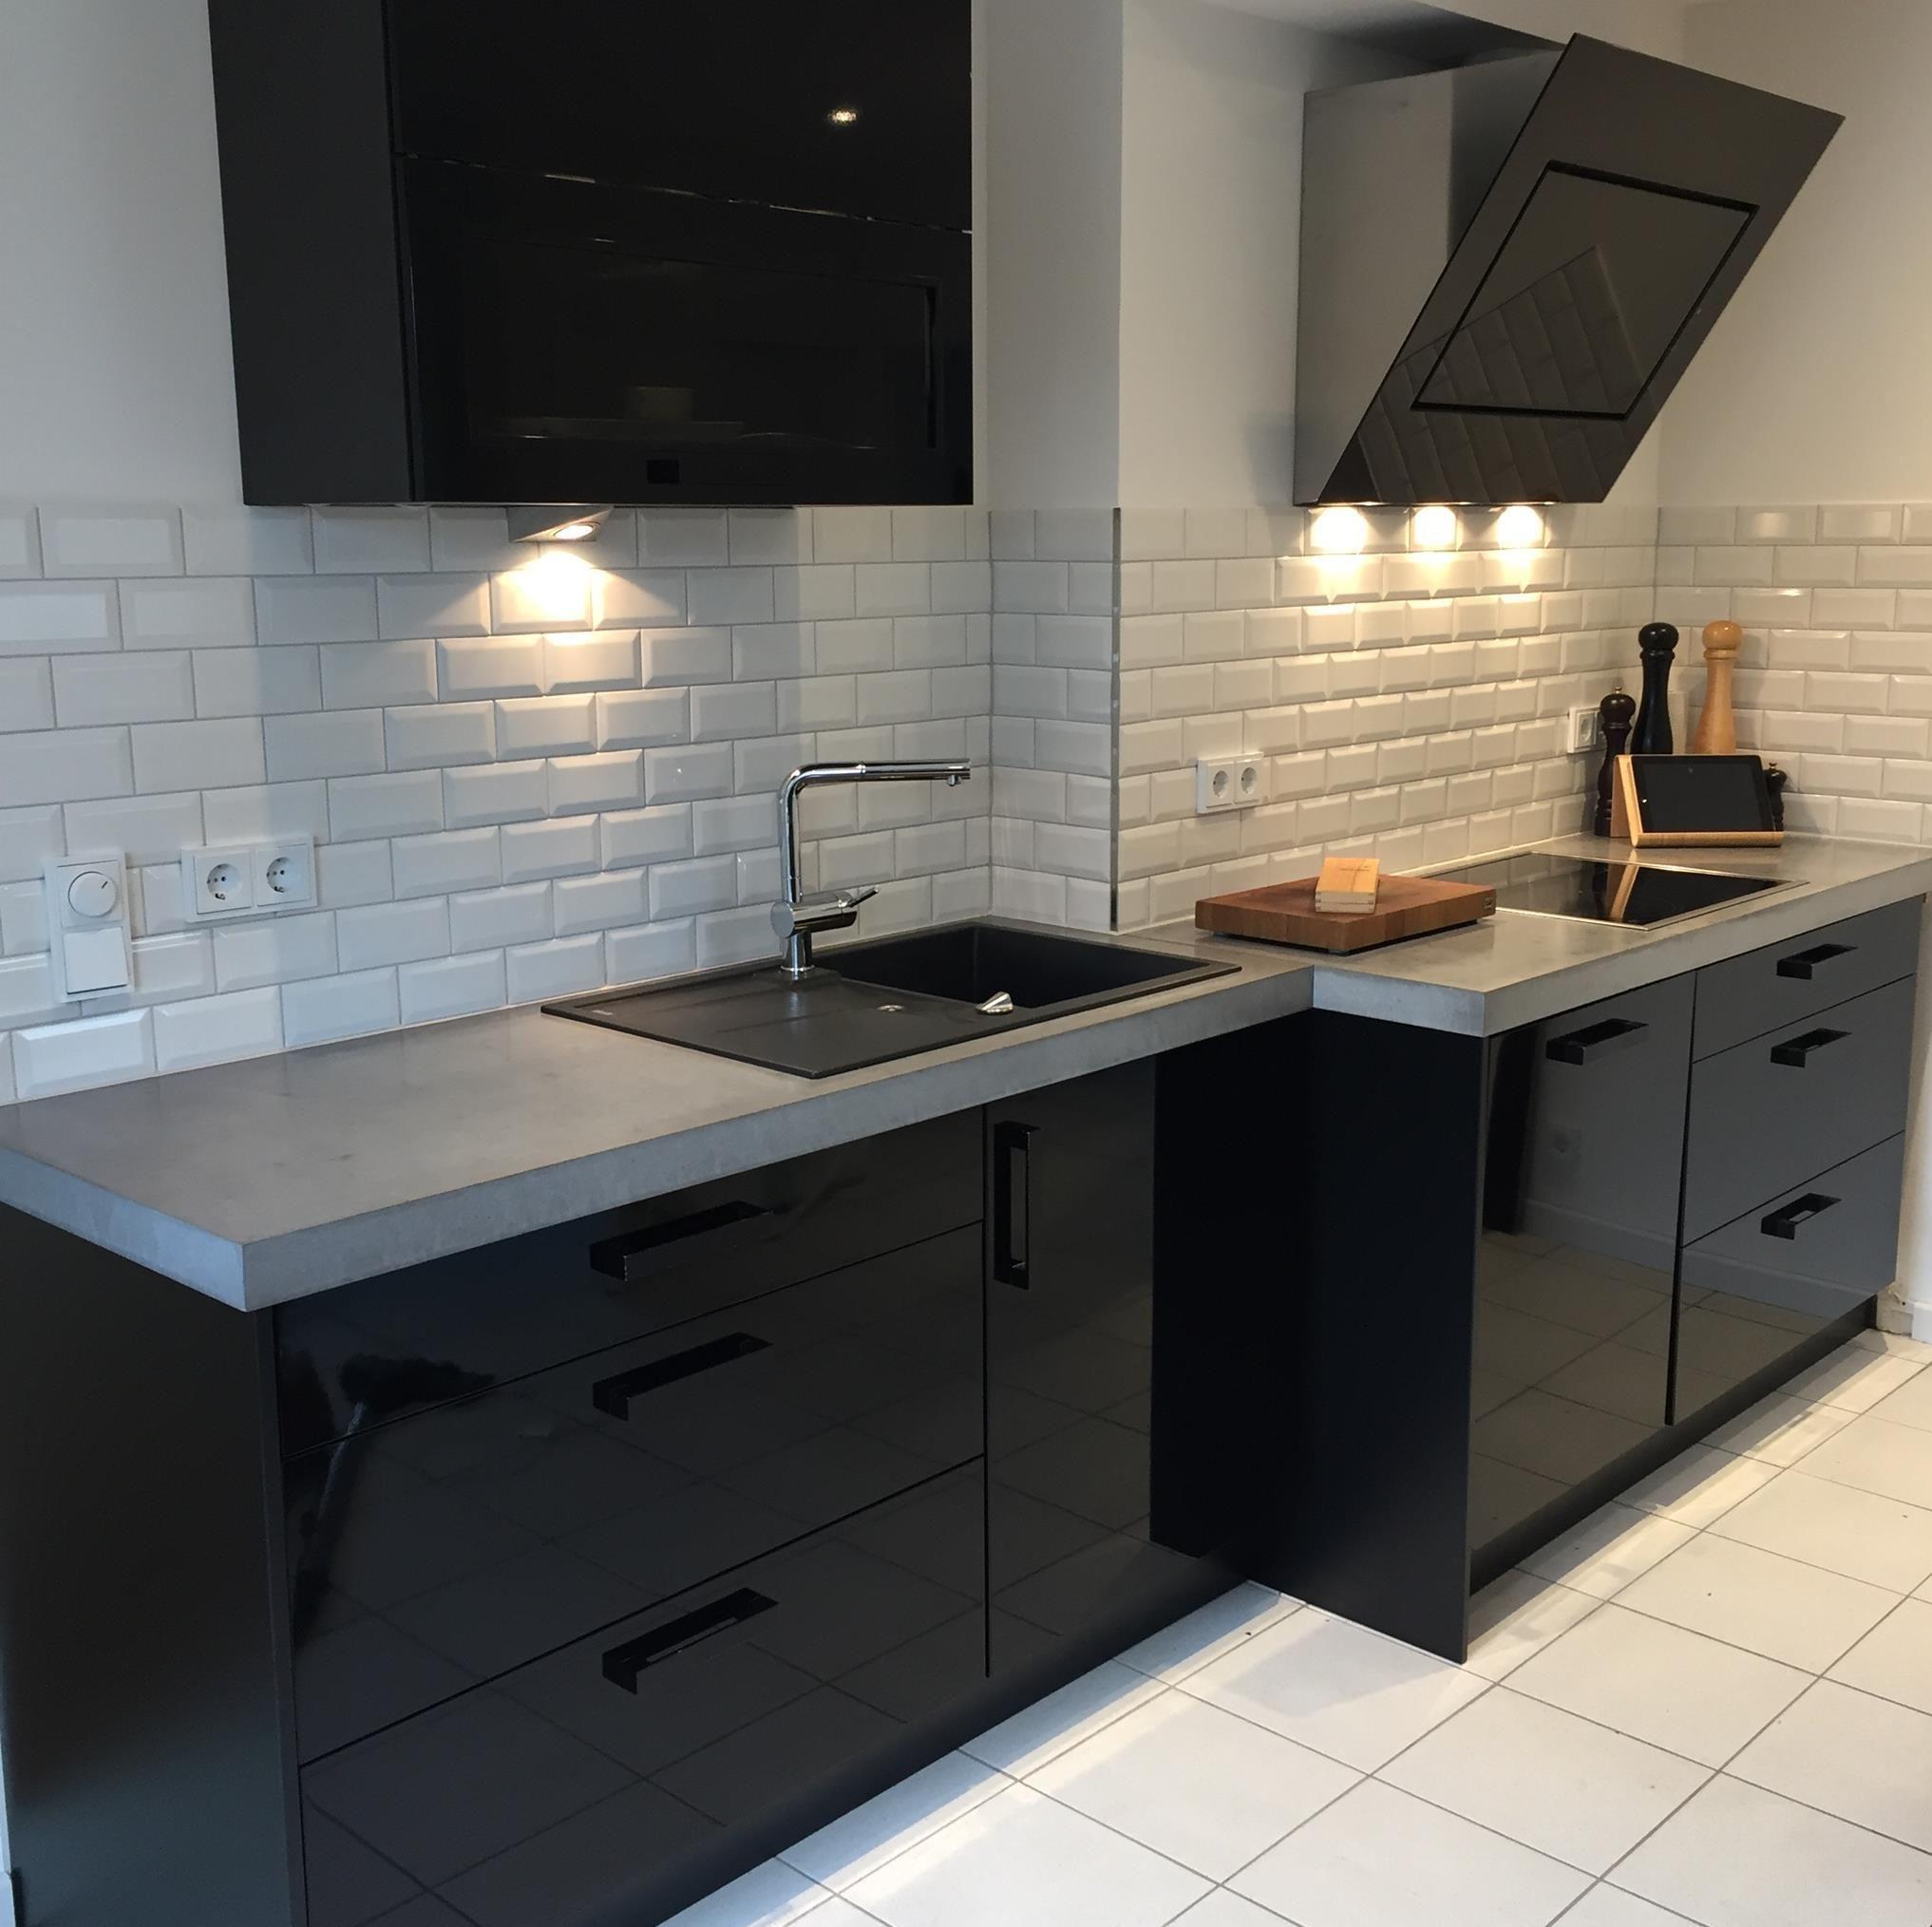 arbeitsplatten aus beton diy - bigmeatlove | küche | pinterest